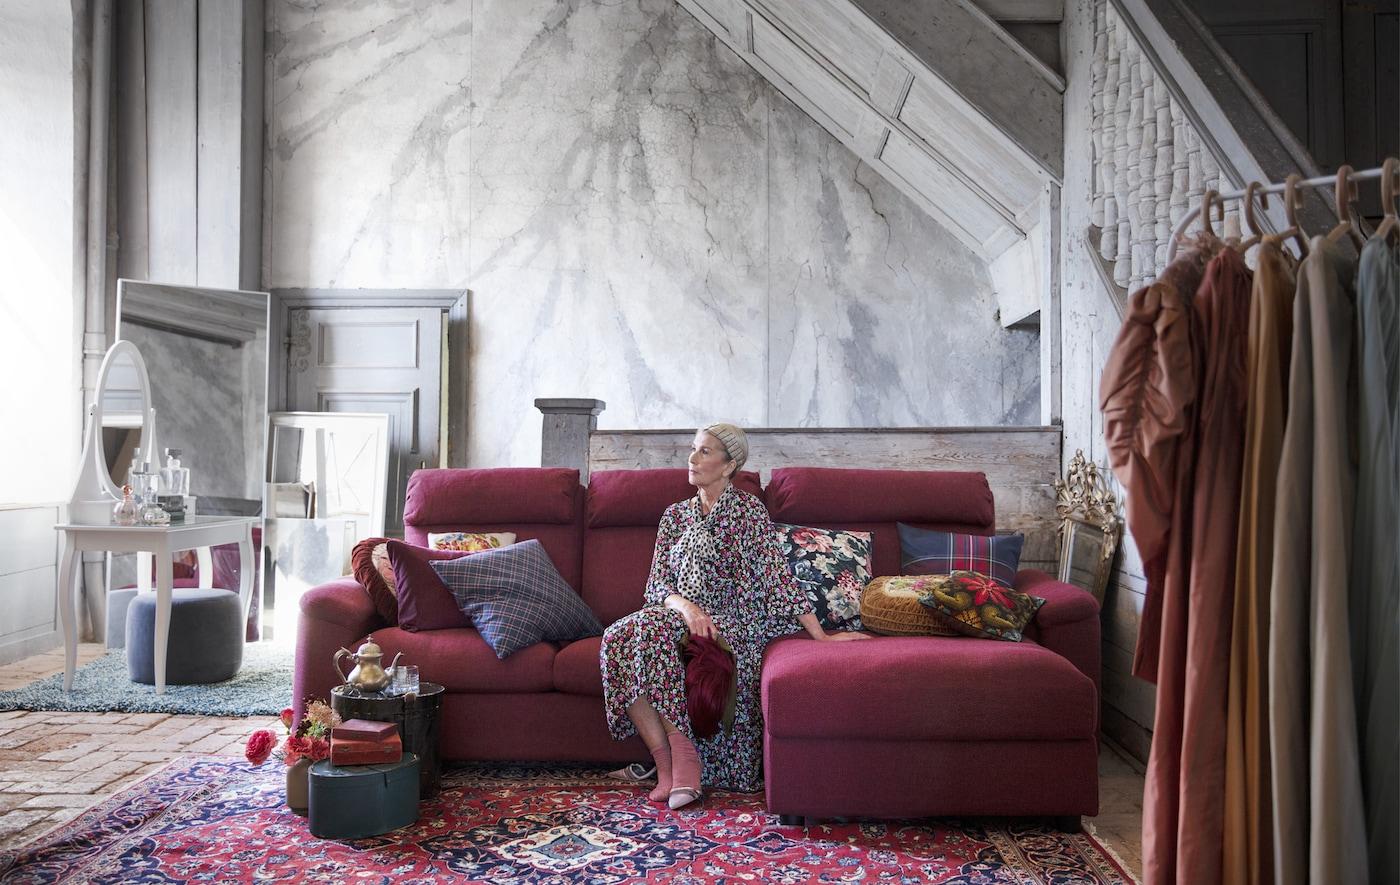 Femeie așezată pe o canapea modulară într-o cameră cu marmură.